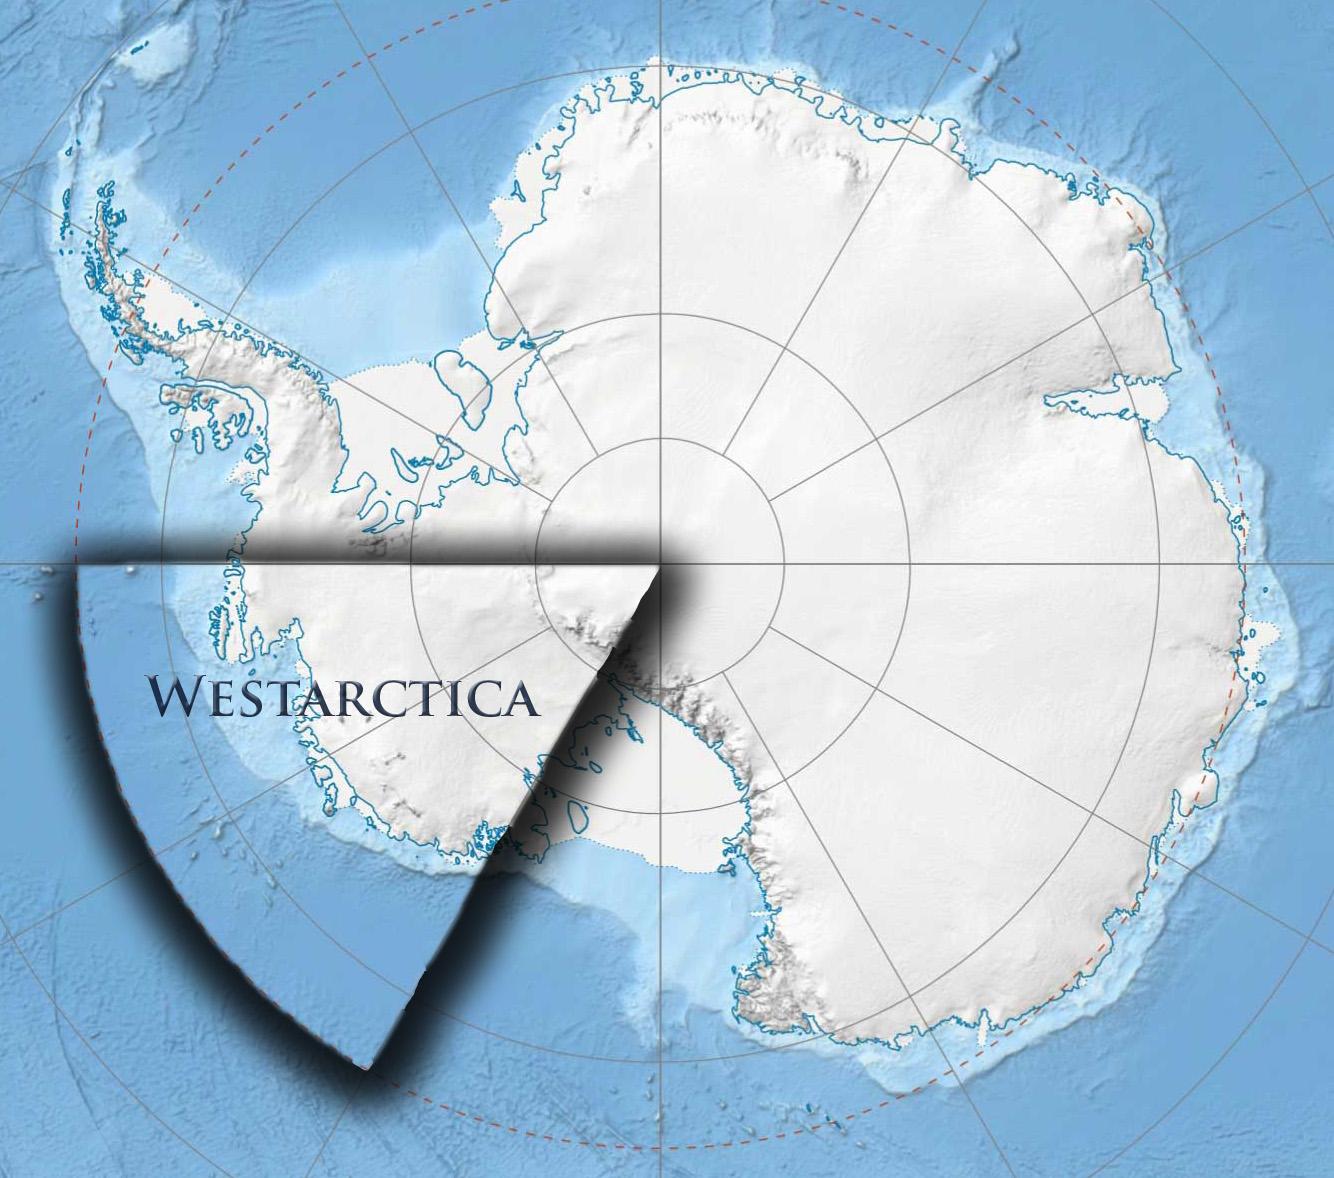 Westarctica Map.jpg